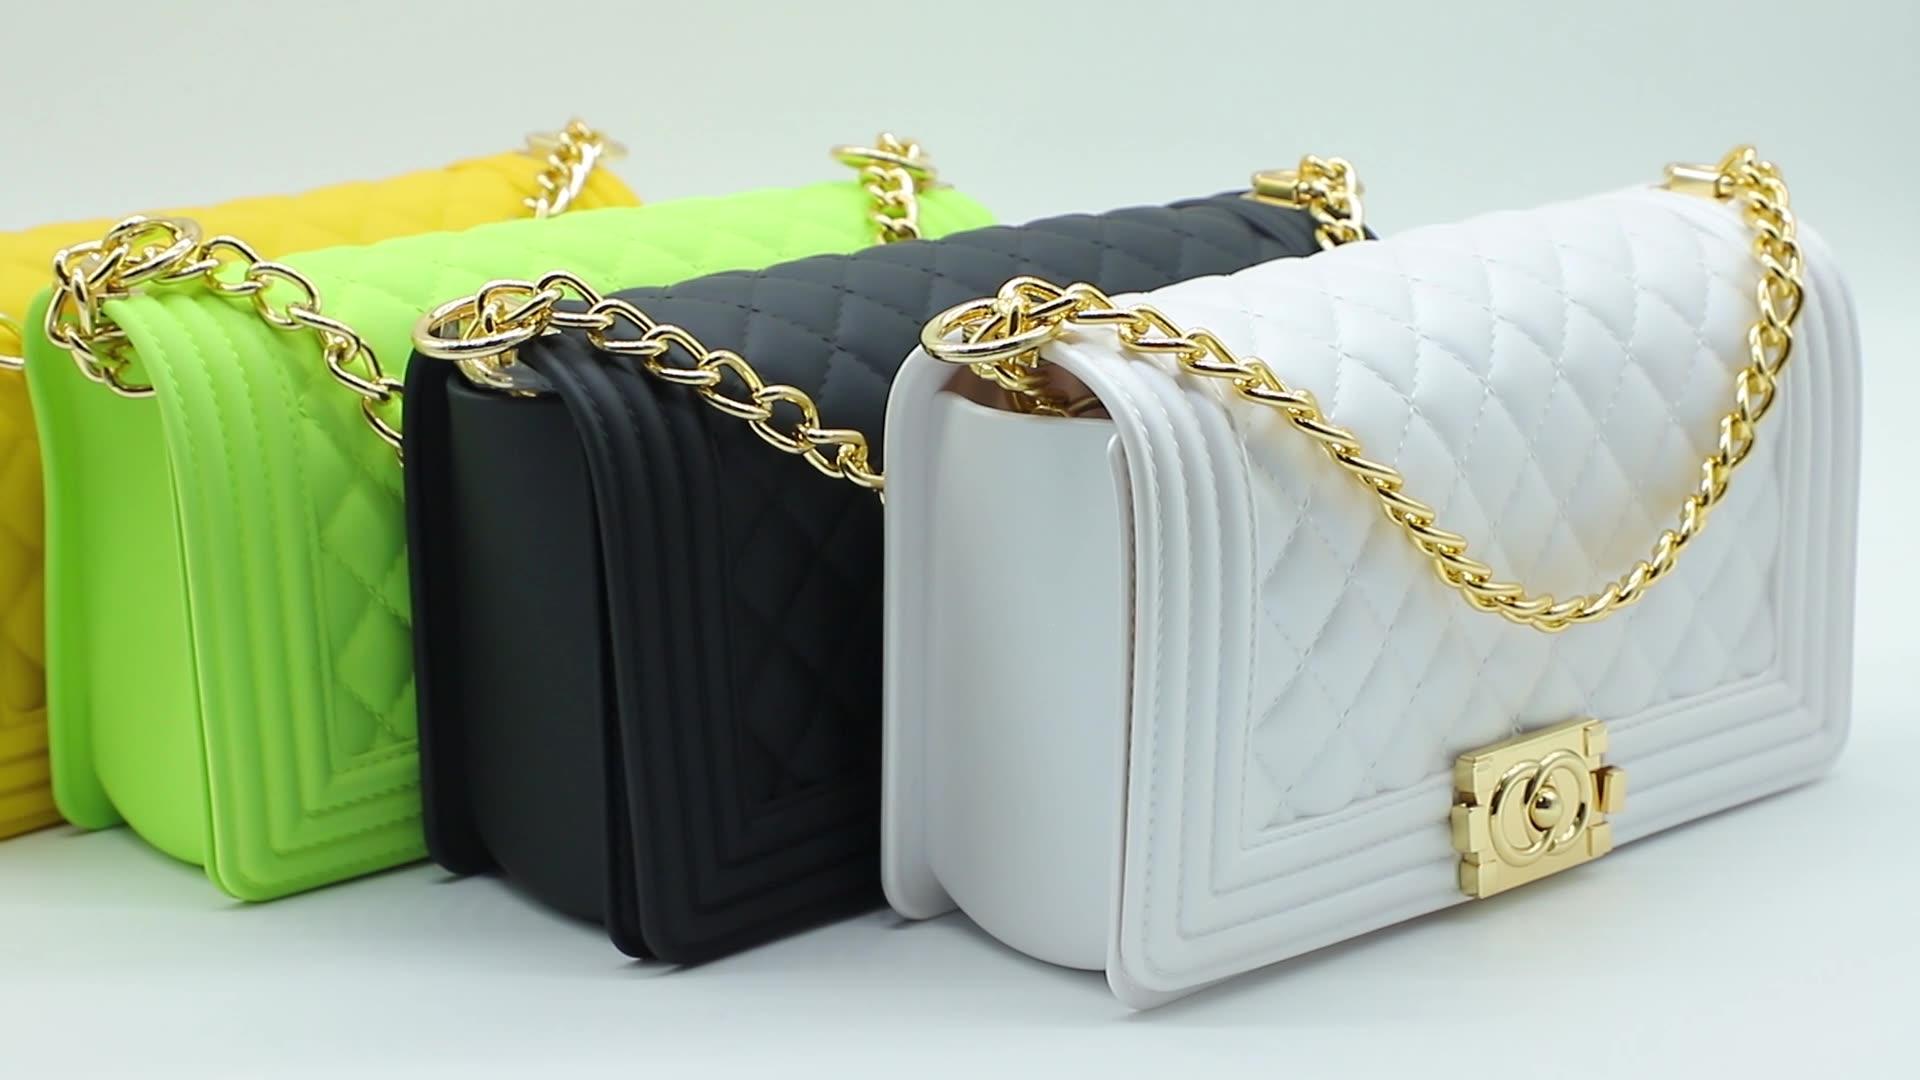 جيلي محفظة بالجملة 2020 الوافدين الجدد المصممين جيلي حقائب النساء حقائب للنساء السيدات المحافظ وحقائب اليد